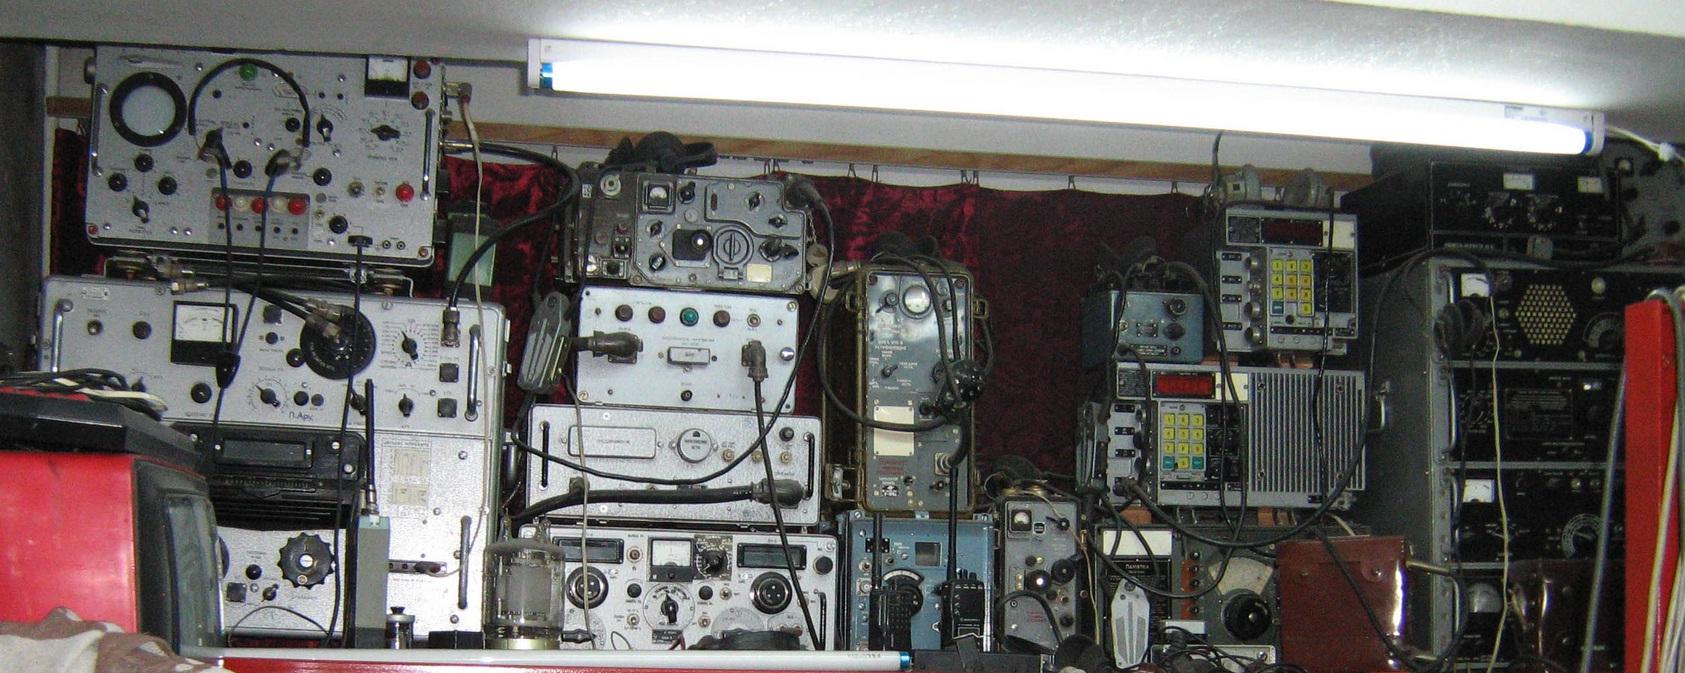 Советская приемо-передающая военная аппаратура на обмен RA